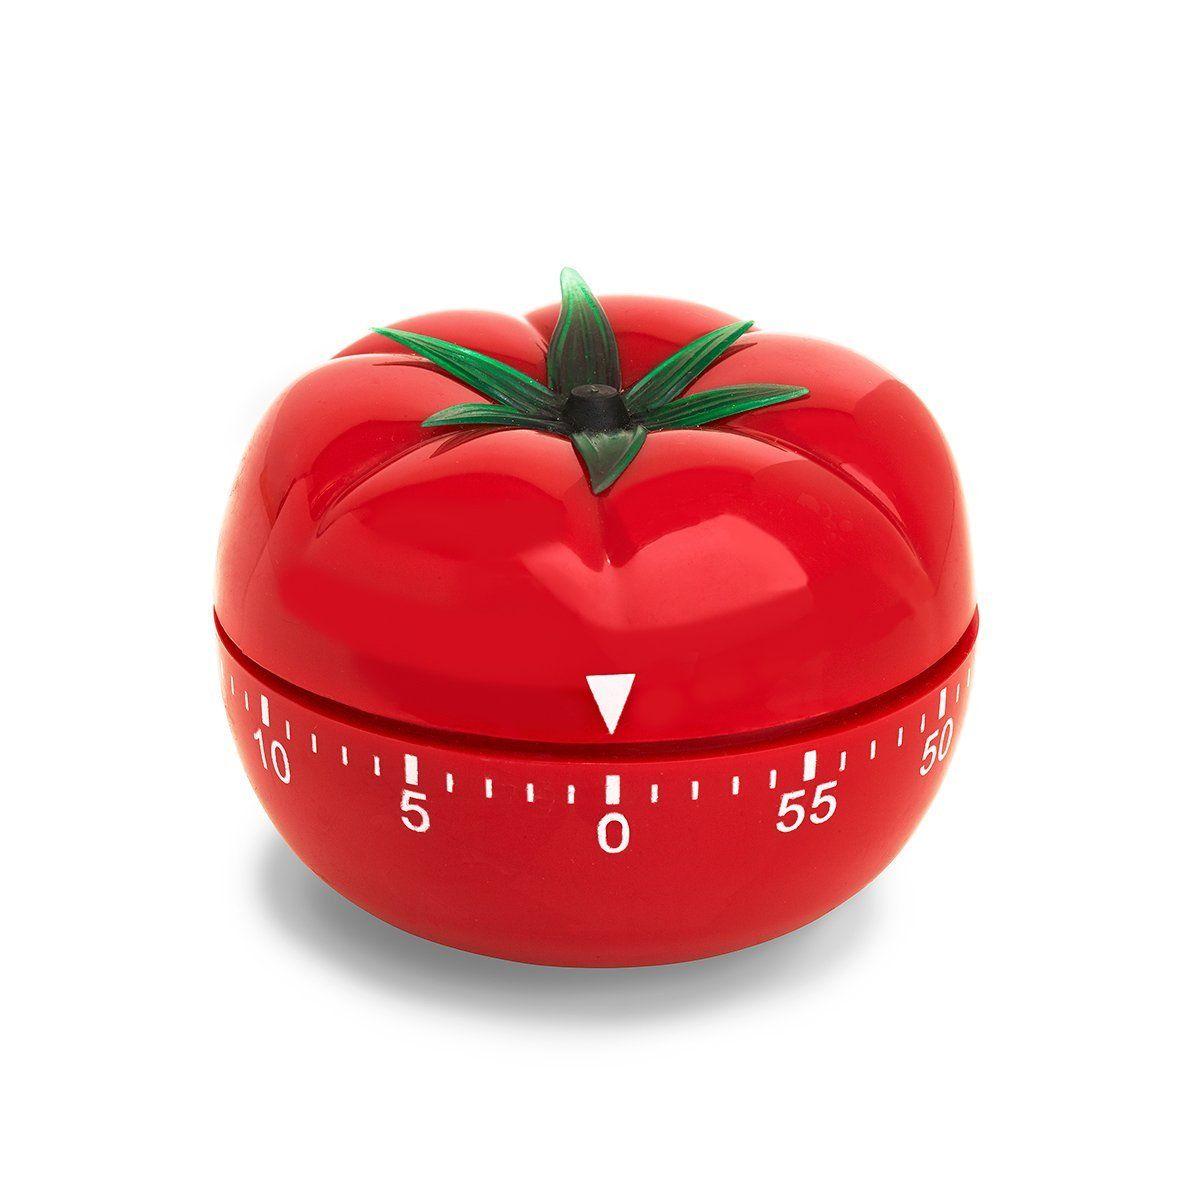 Un Tomate Para Productivo Es Más Qué Técnica Pomodoro La Ser 0Xn8OPwk